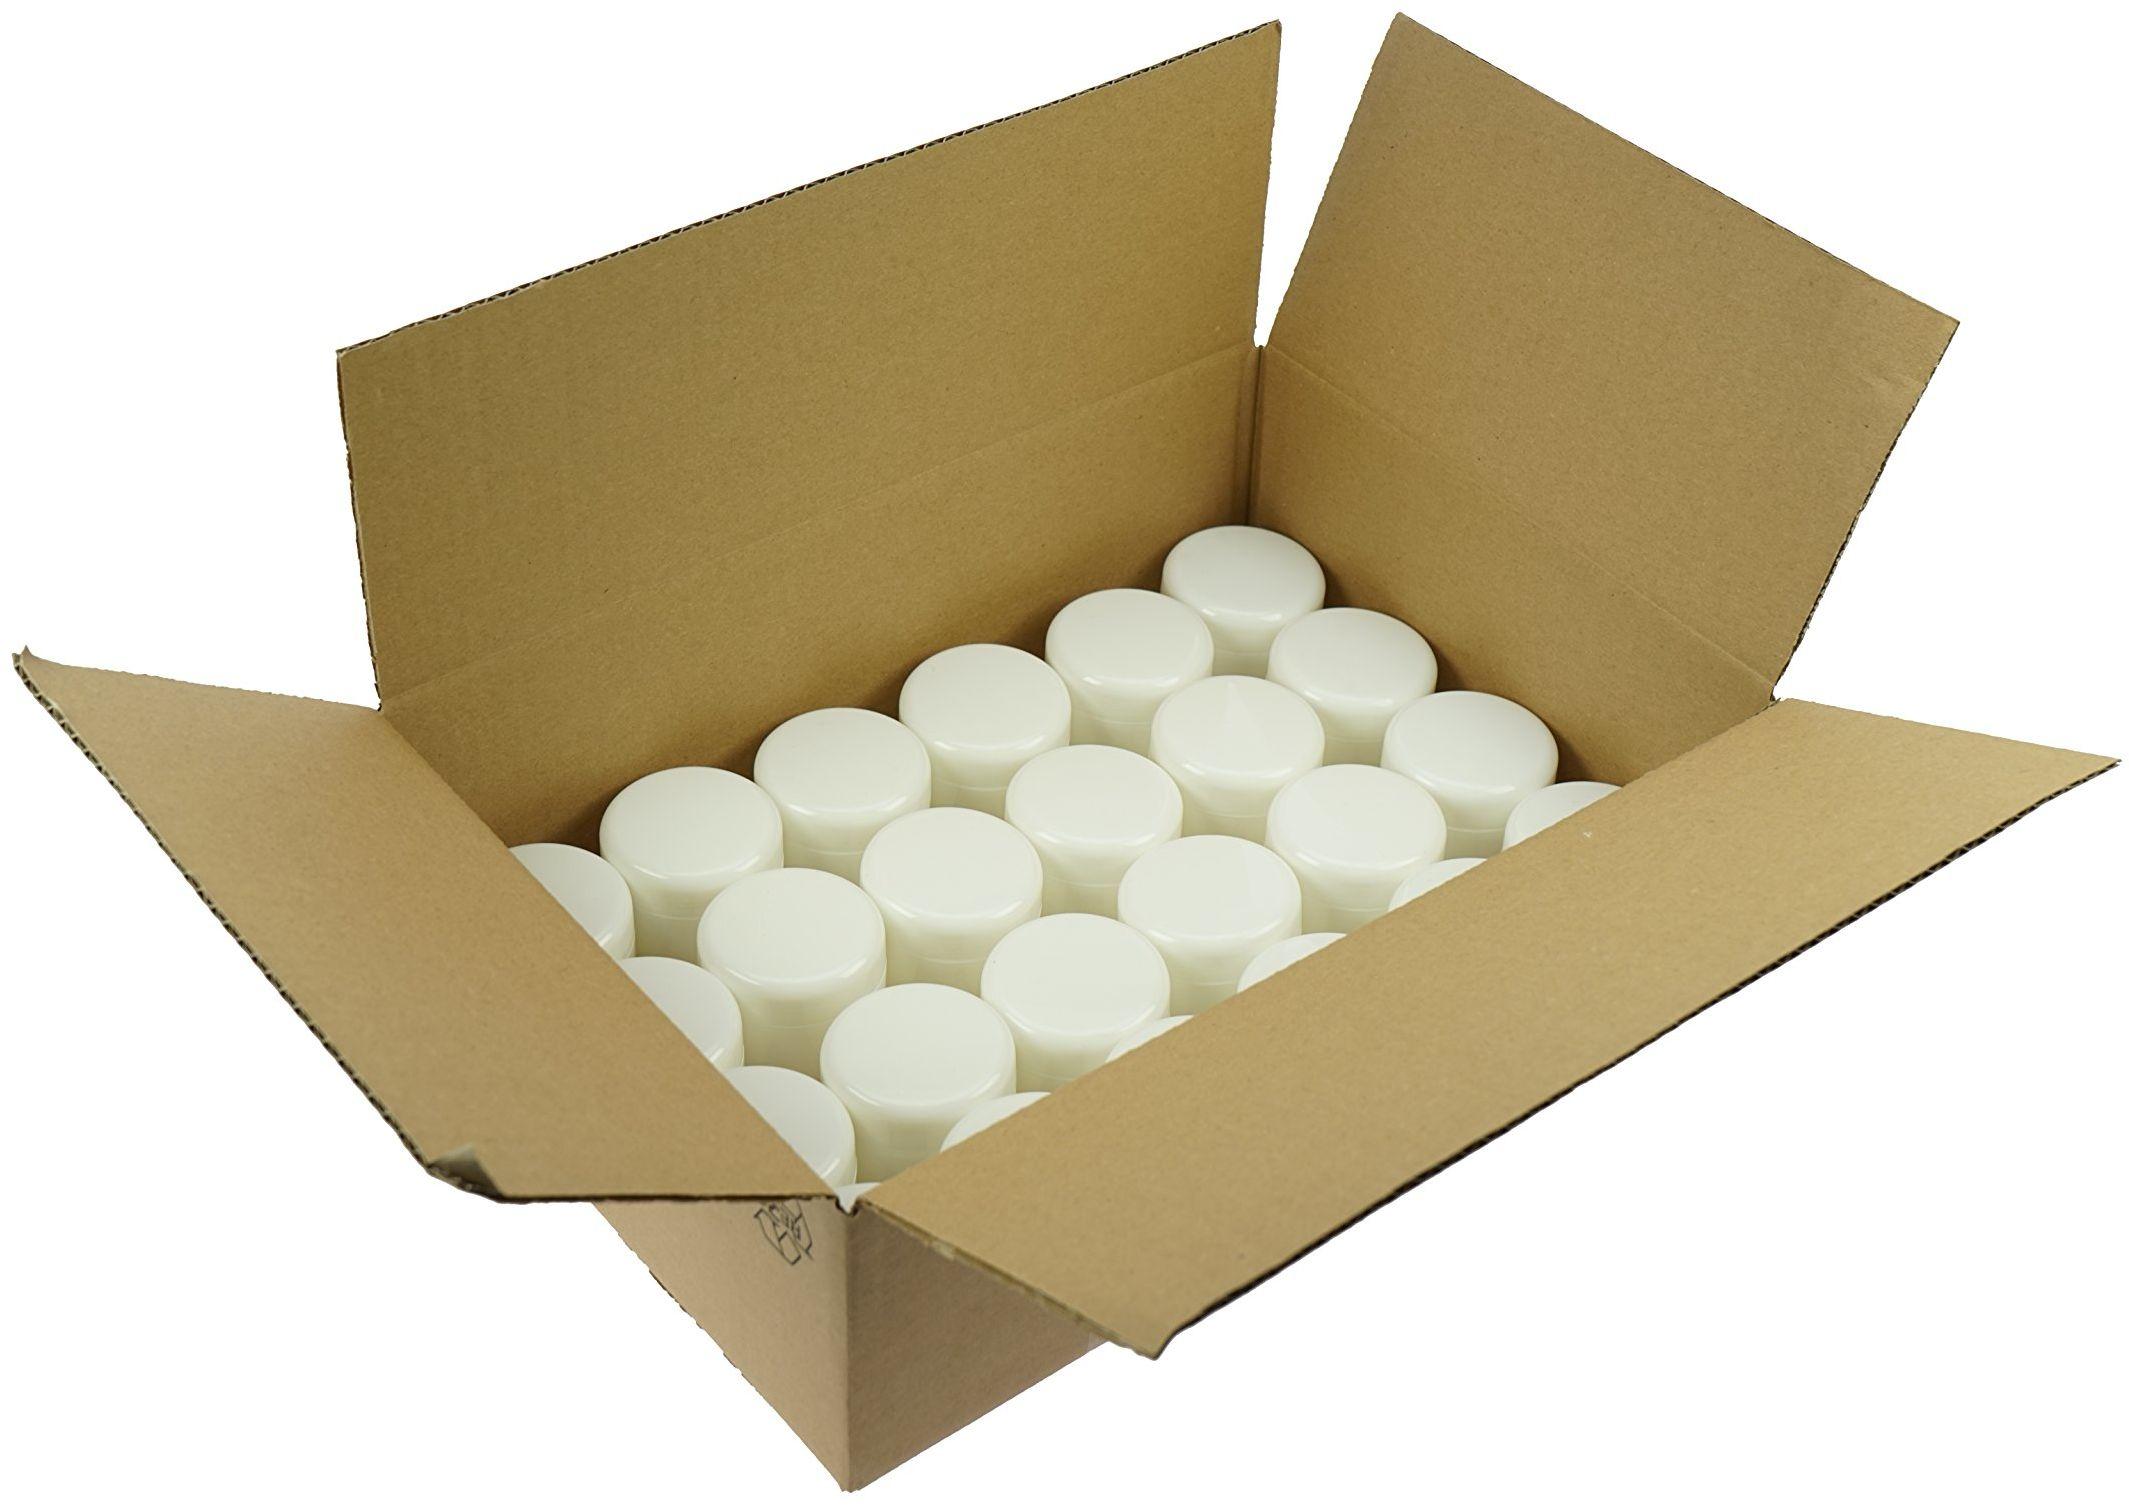 Fantasia Puszka kosmetyczna z tworzywa sztucznego na 50 ml, biała, 1 opakowanie (1 x 24 sztuki)